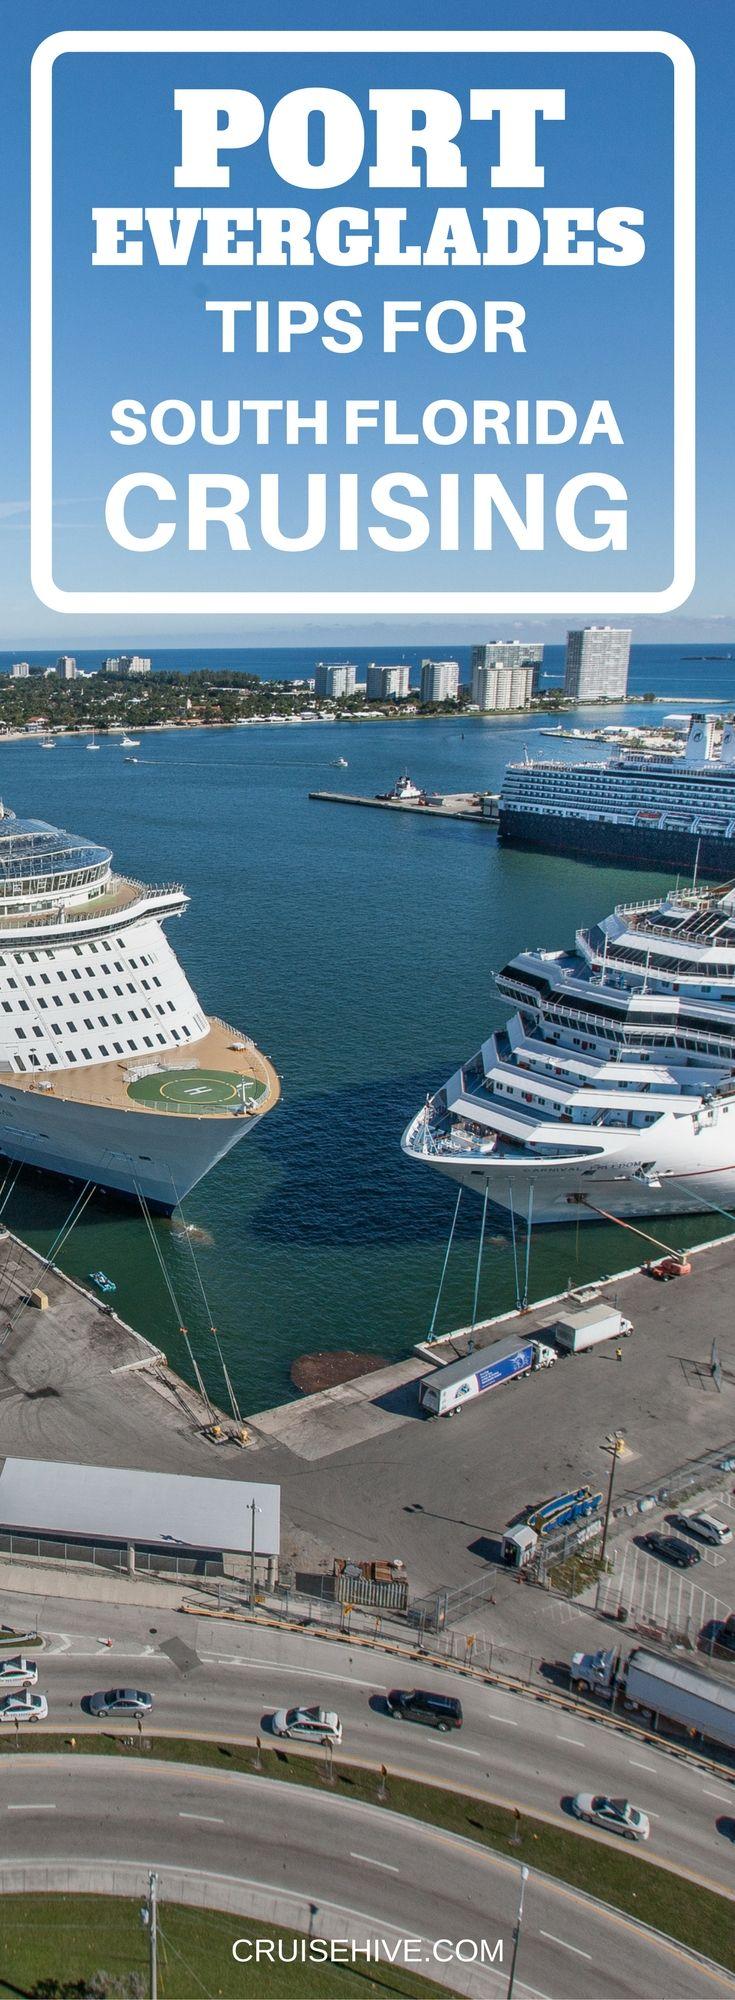 Port Everglades Tips For South Florida Cruising Eastern Caribbean Cruises Cruise Port Everglades